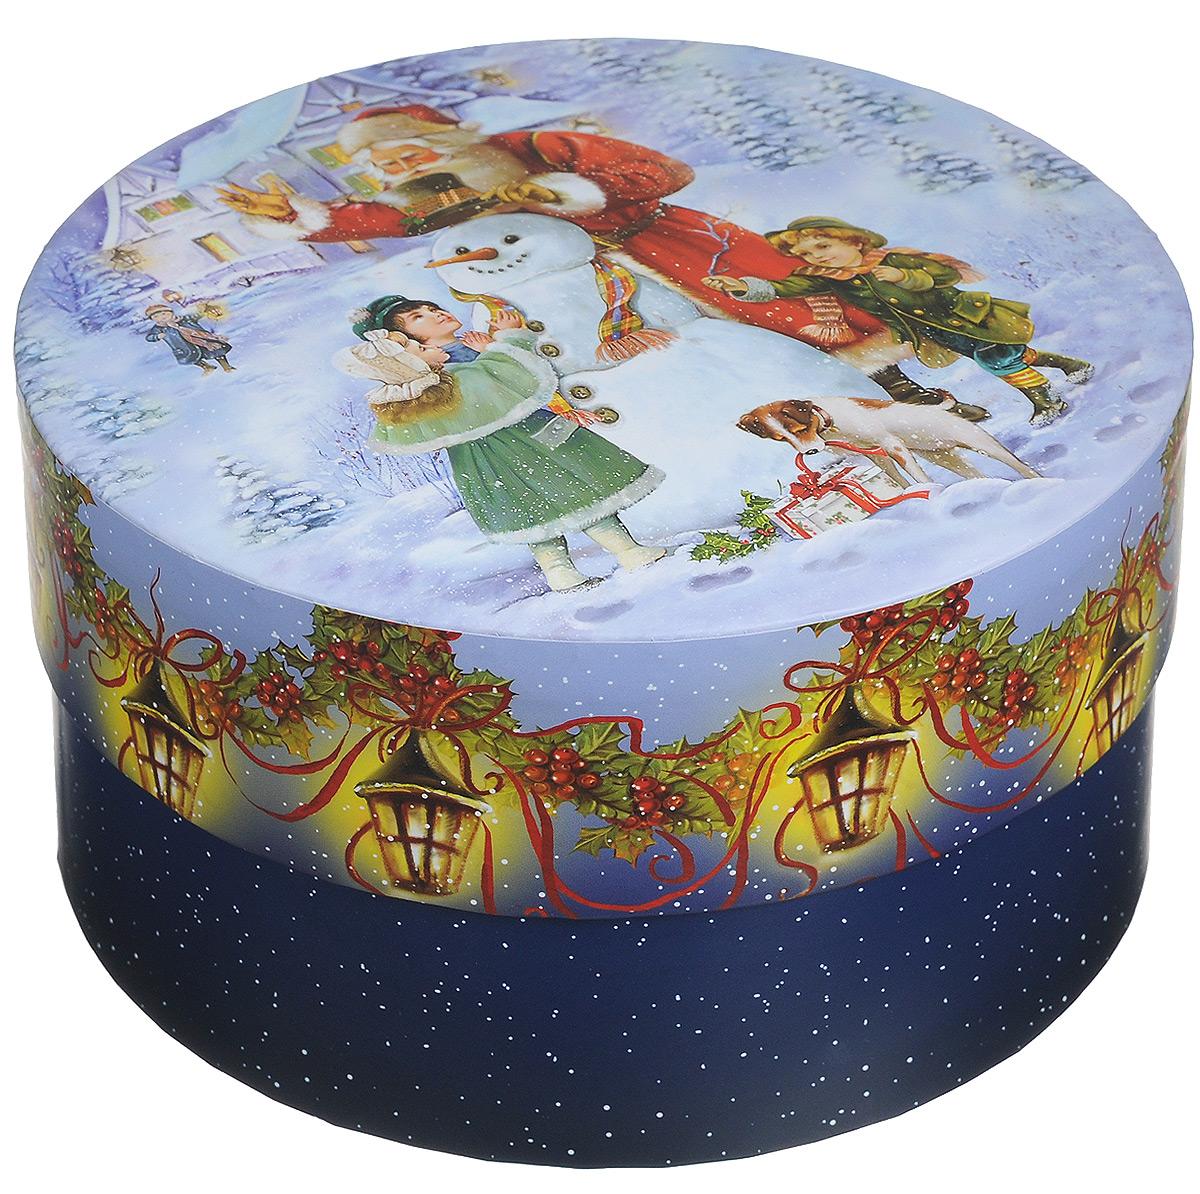 Коробка шляпная Правила Успеха Снежные забавы, 18 х 18 х 10 см55052Подарочная коробка Правила Успеха Снежные забавы выполнена из высококачественного плотного картона и предназначена для праздничной упаковки новогодних подарков. Коробка декорирована новогодним рисунком. Подарок, преподнесенный в оригинальной упаковке, всегда будет самым эффектным и запоминающимся. Окружите близких людей вниманием и заботой, вручив презент в нарядном, праздничном оформлении.